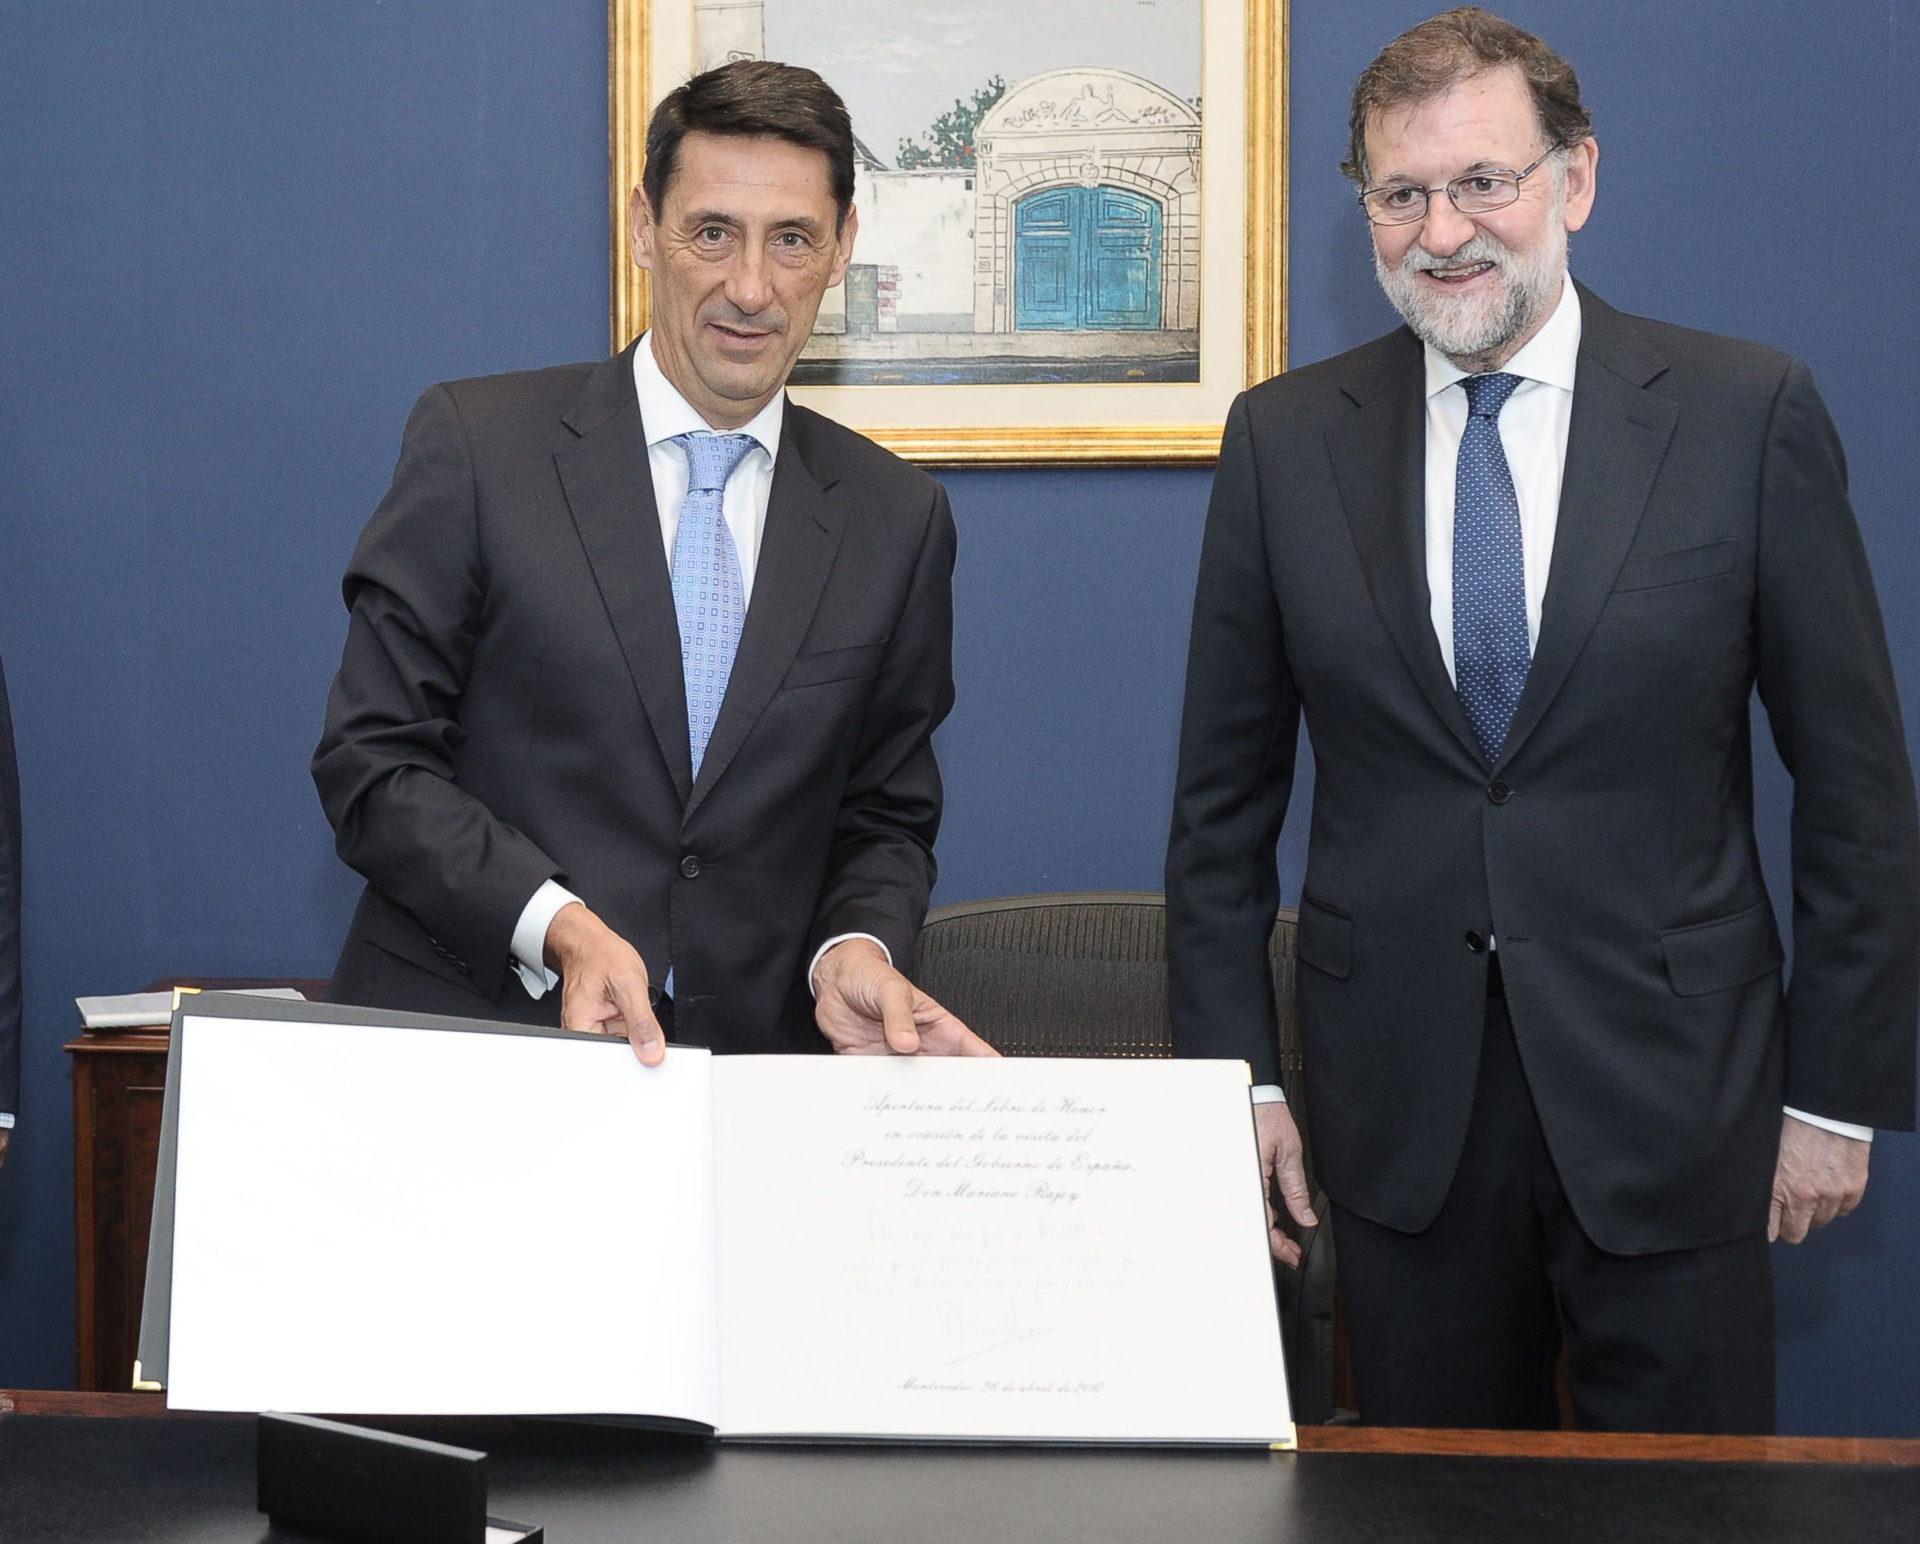 fotografia de mariano rajoy presidente gobierno españa antonio alonso presidente ejecutivo uruguay visita oficial sede firma 26042017 bbva